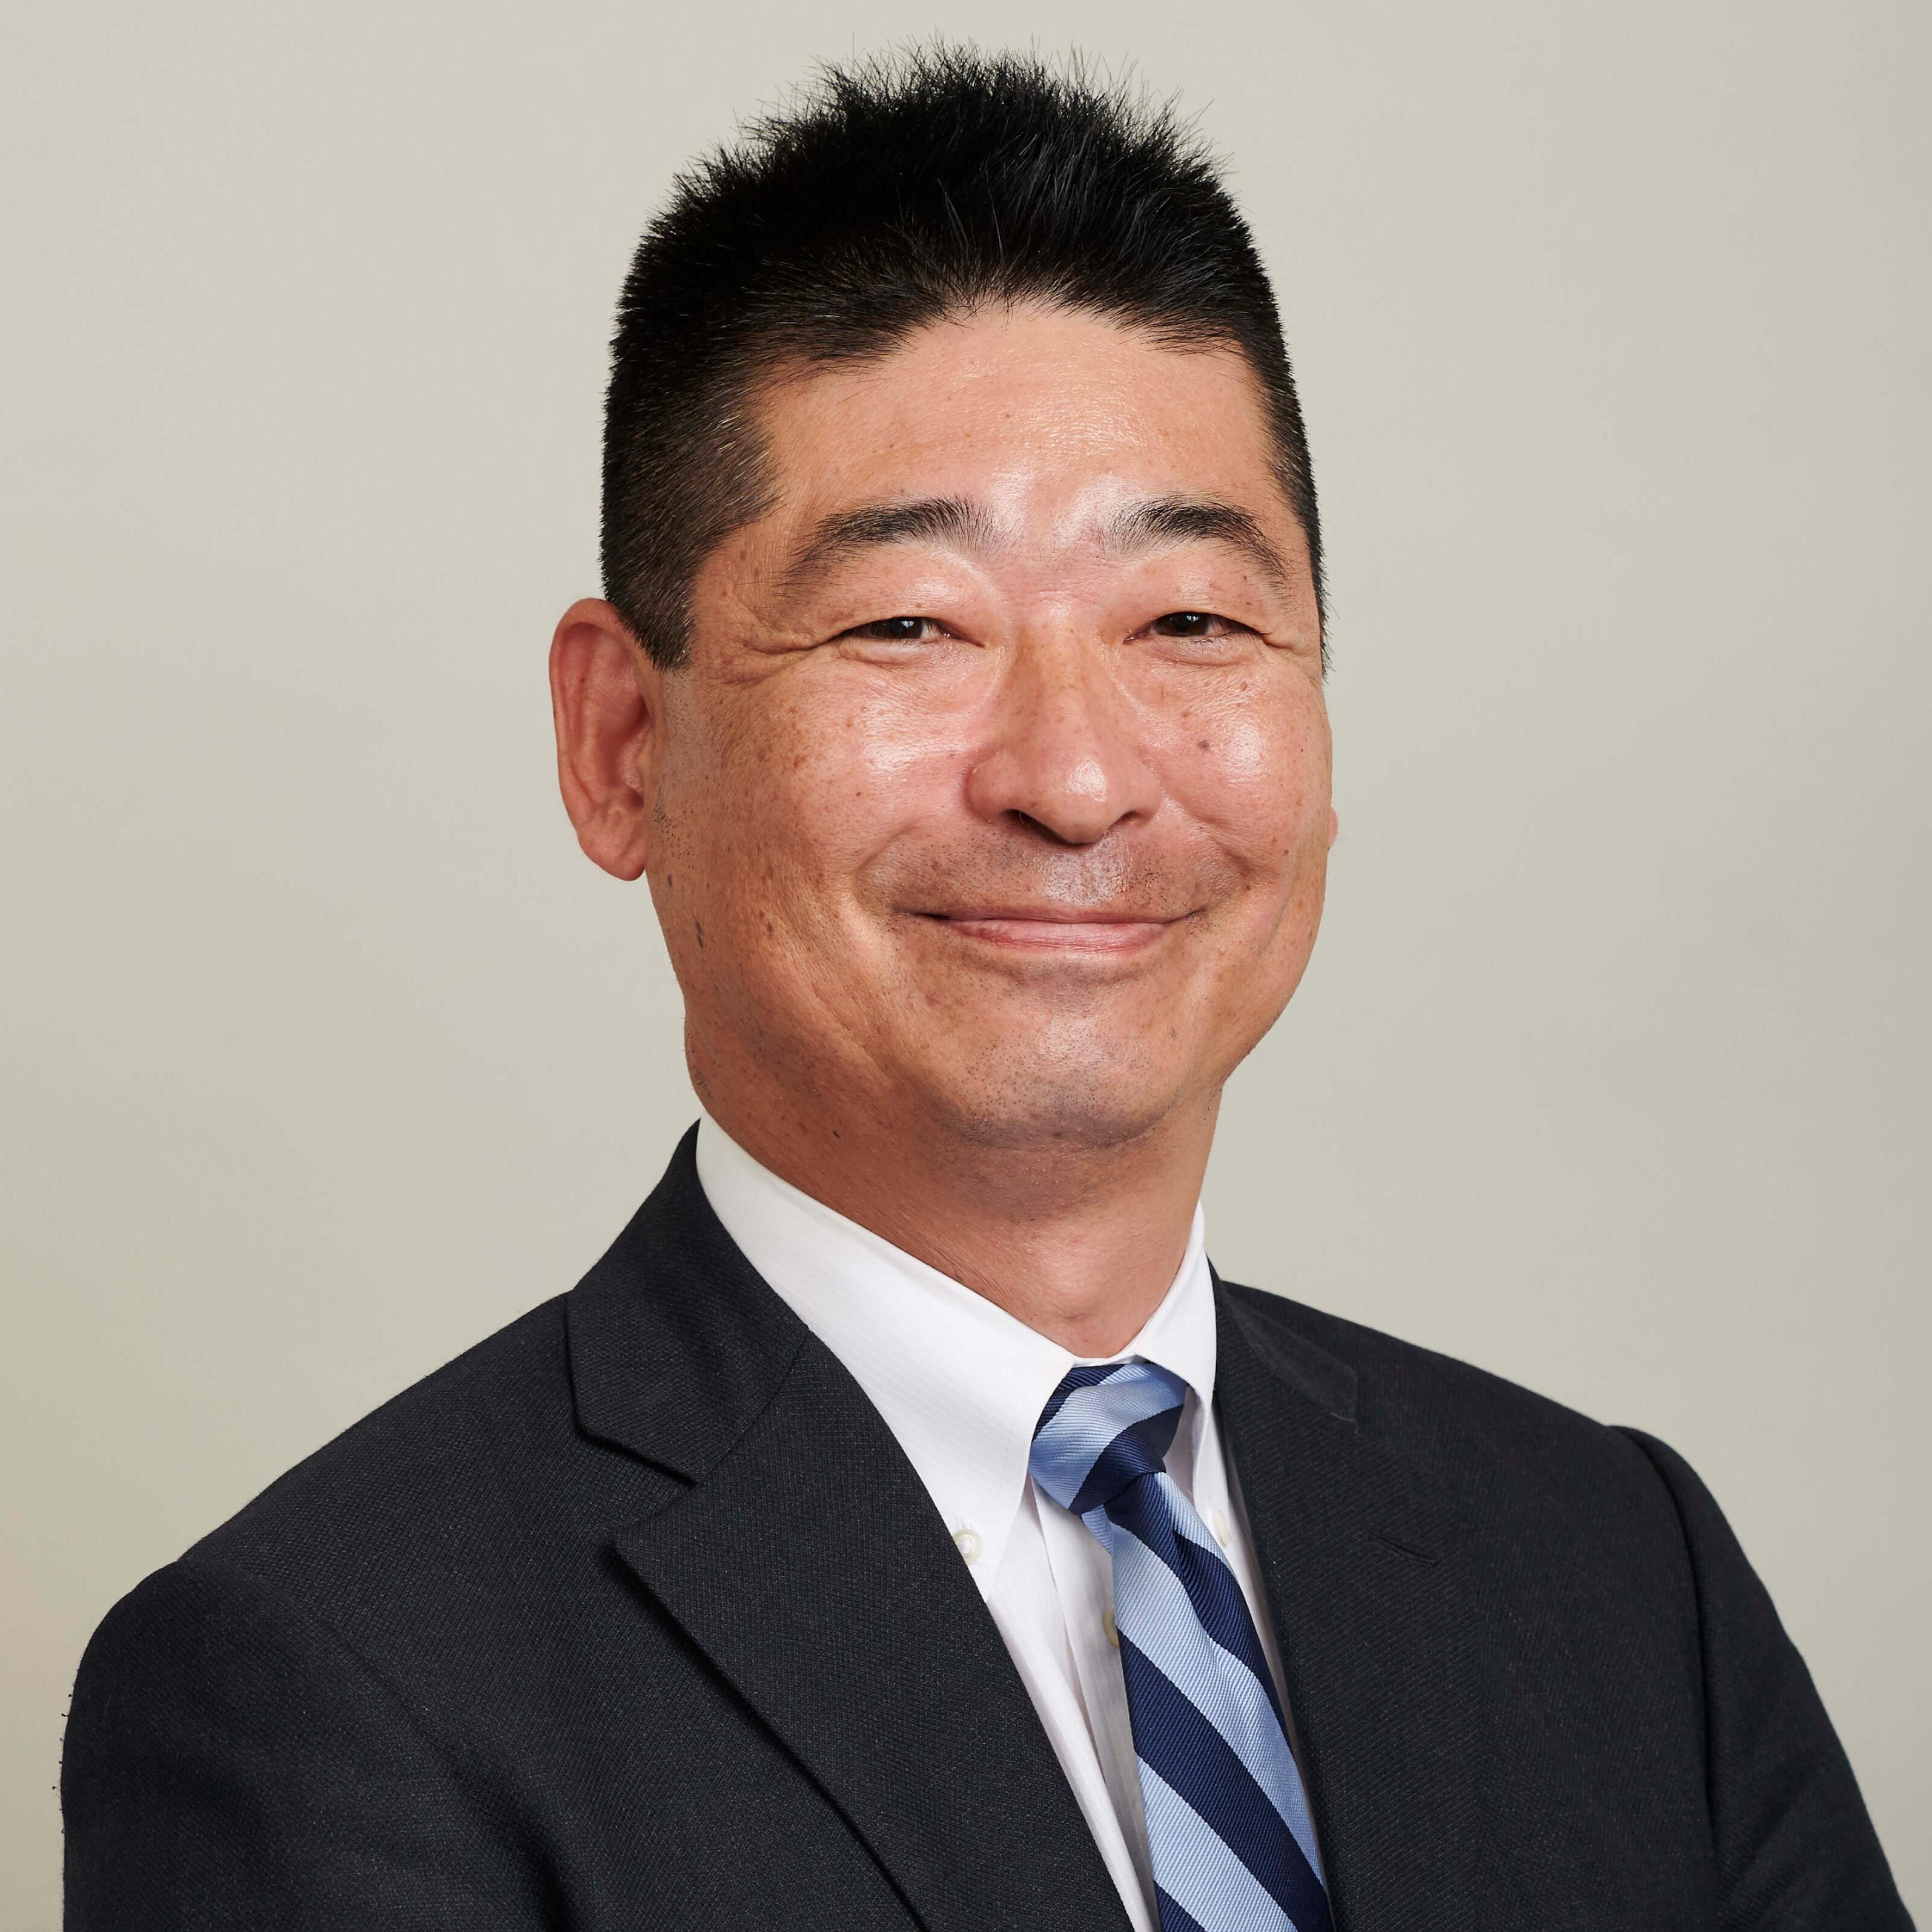 執行役員 観光教育事業部長 栗田 勤 Tsutomu Kurita